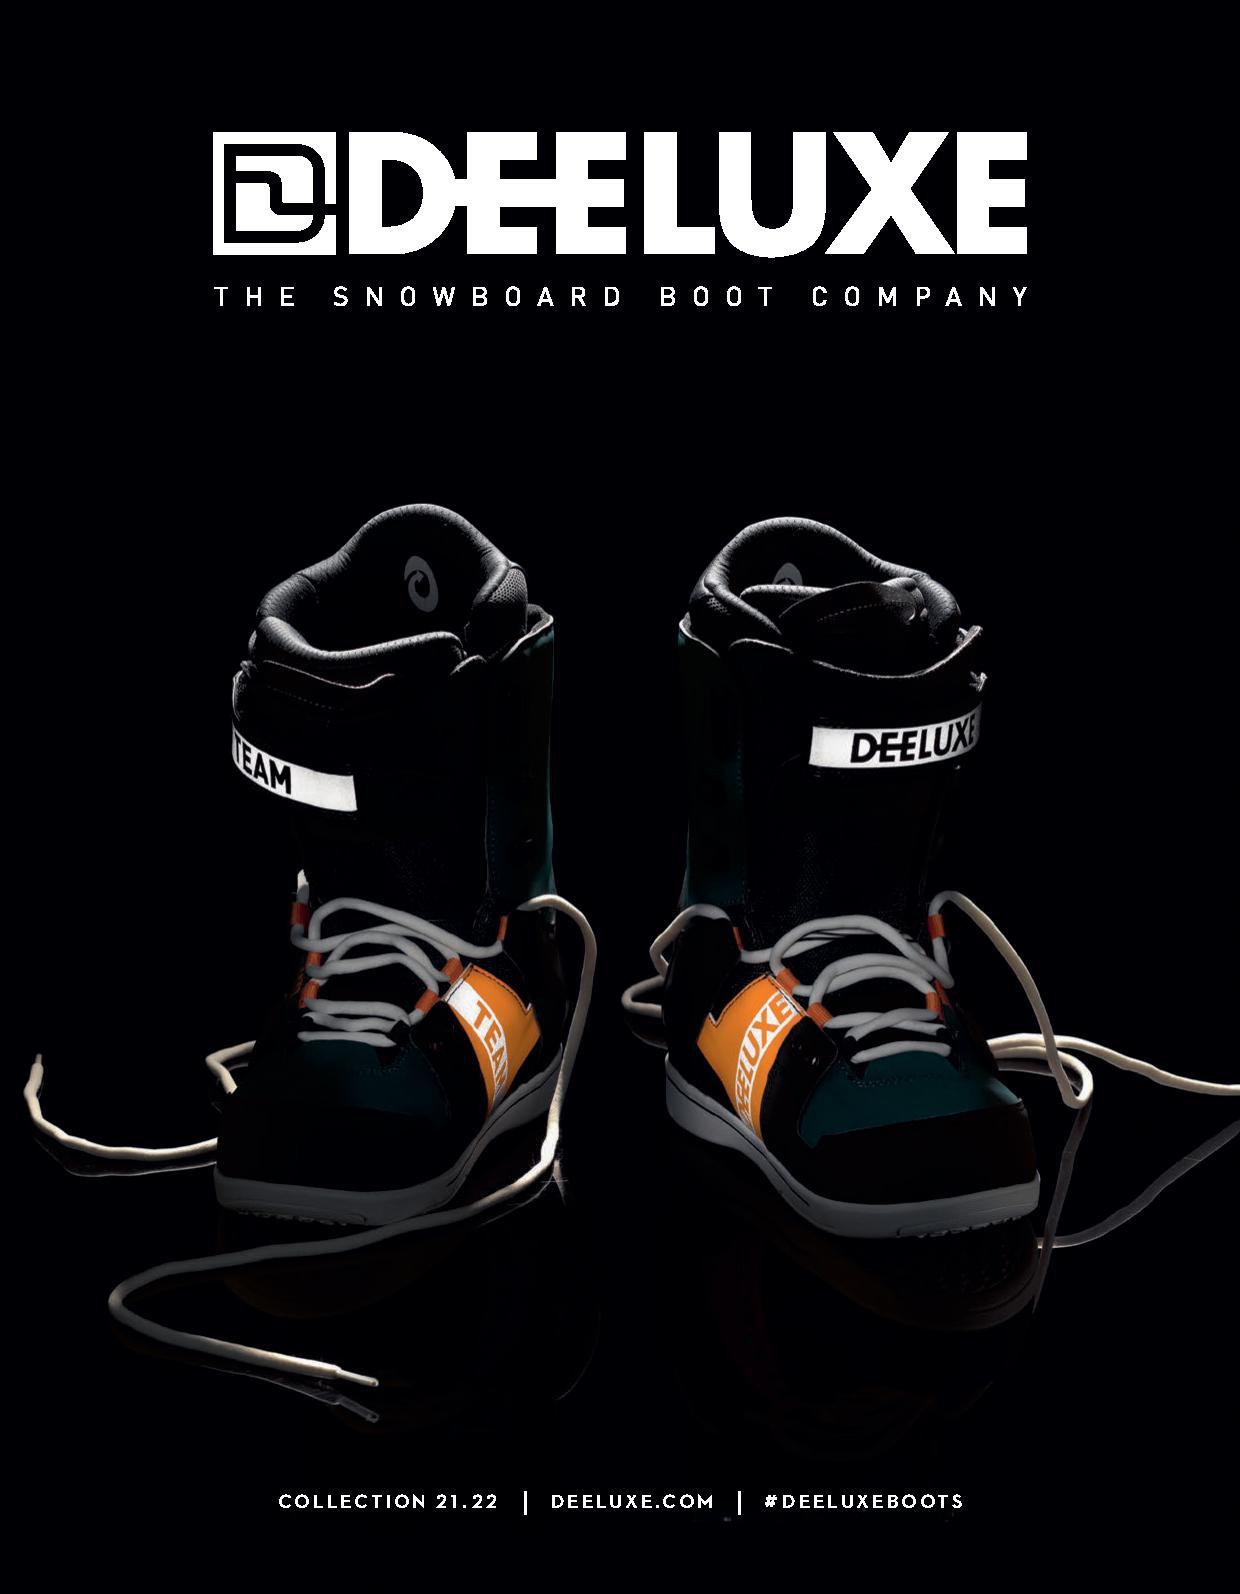 104 deeluxe  snowboard boots